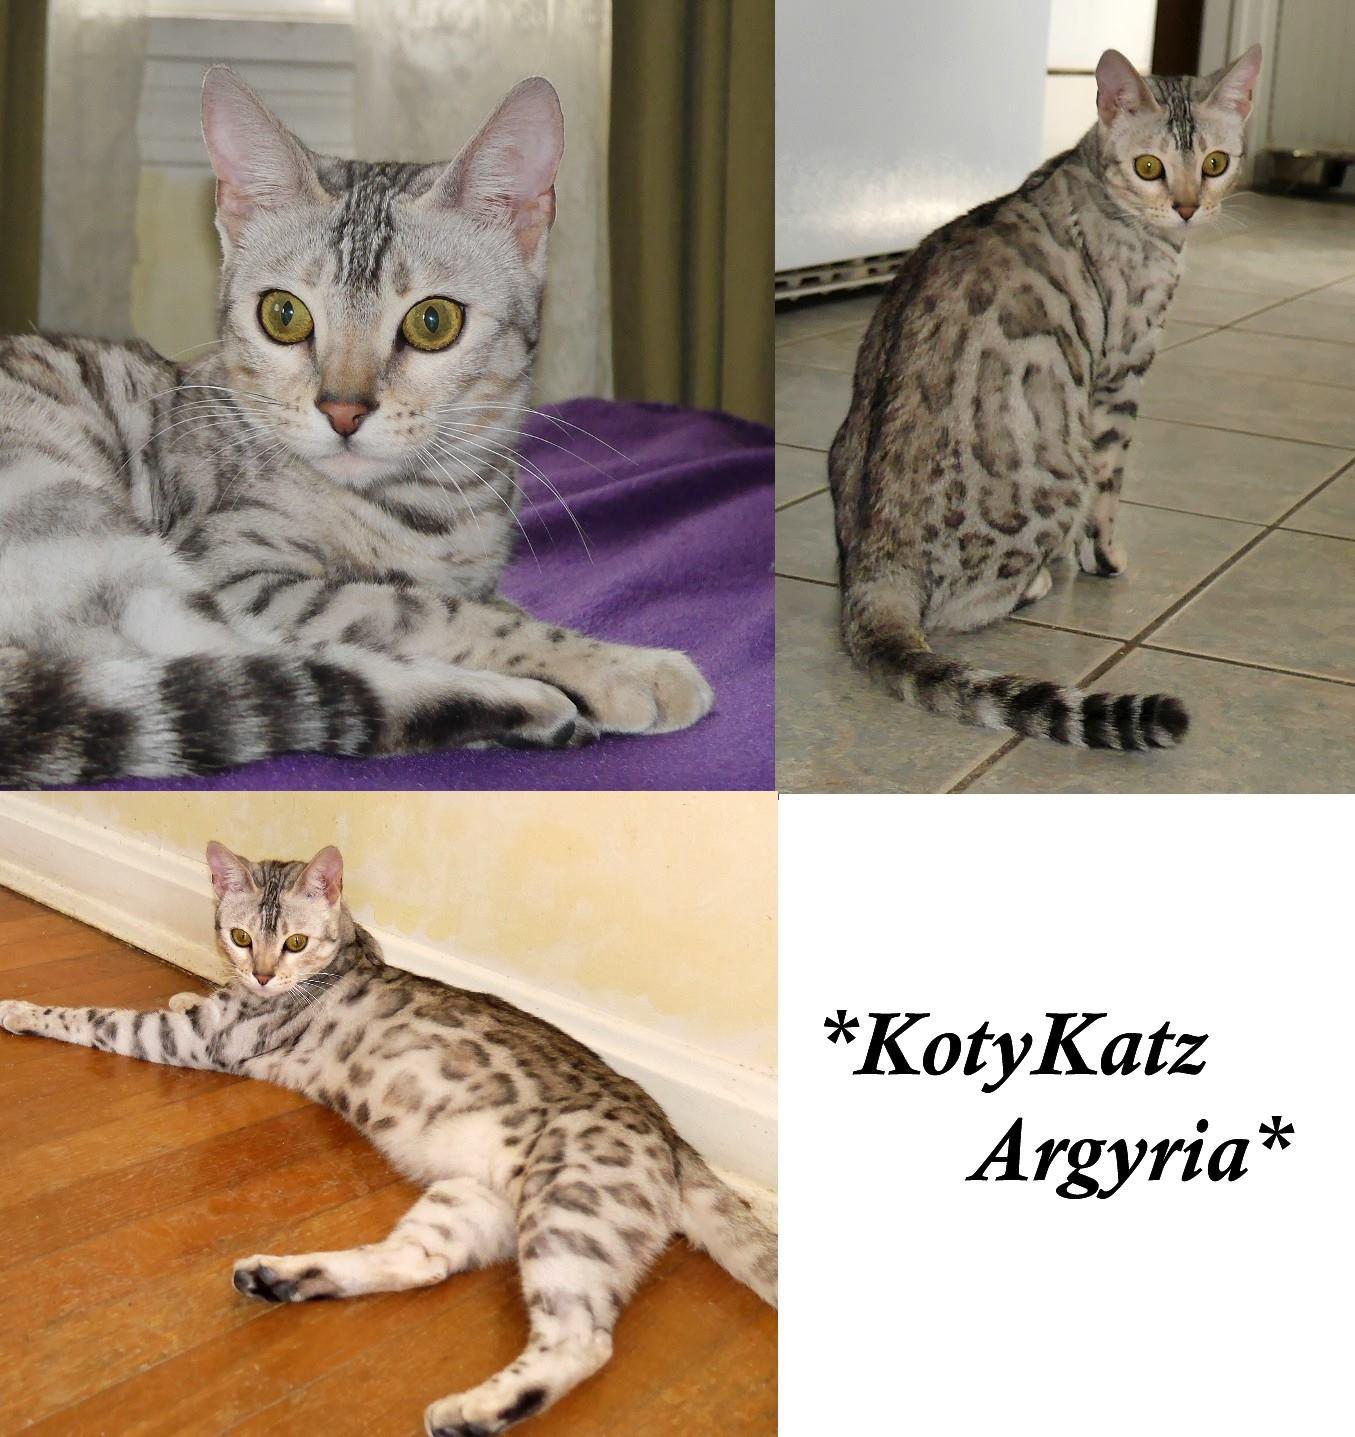 KotyKatz Argyria